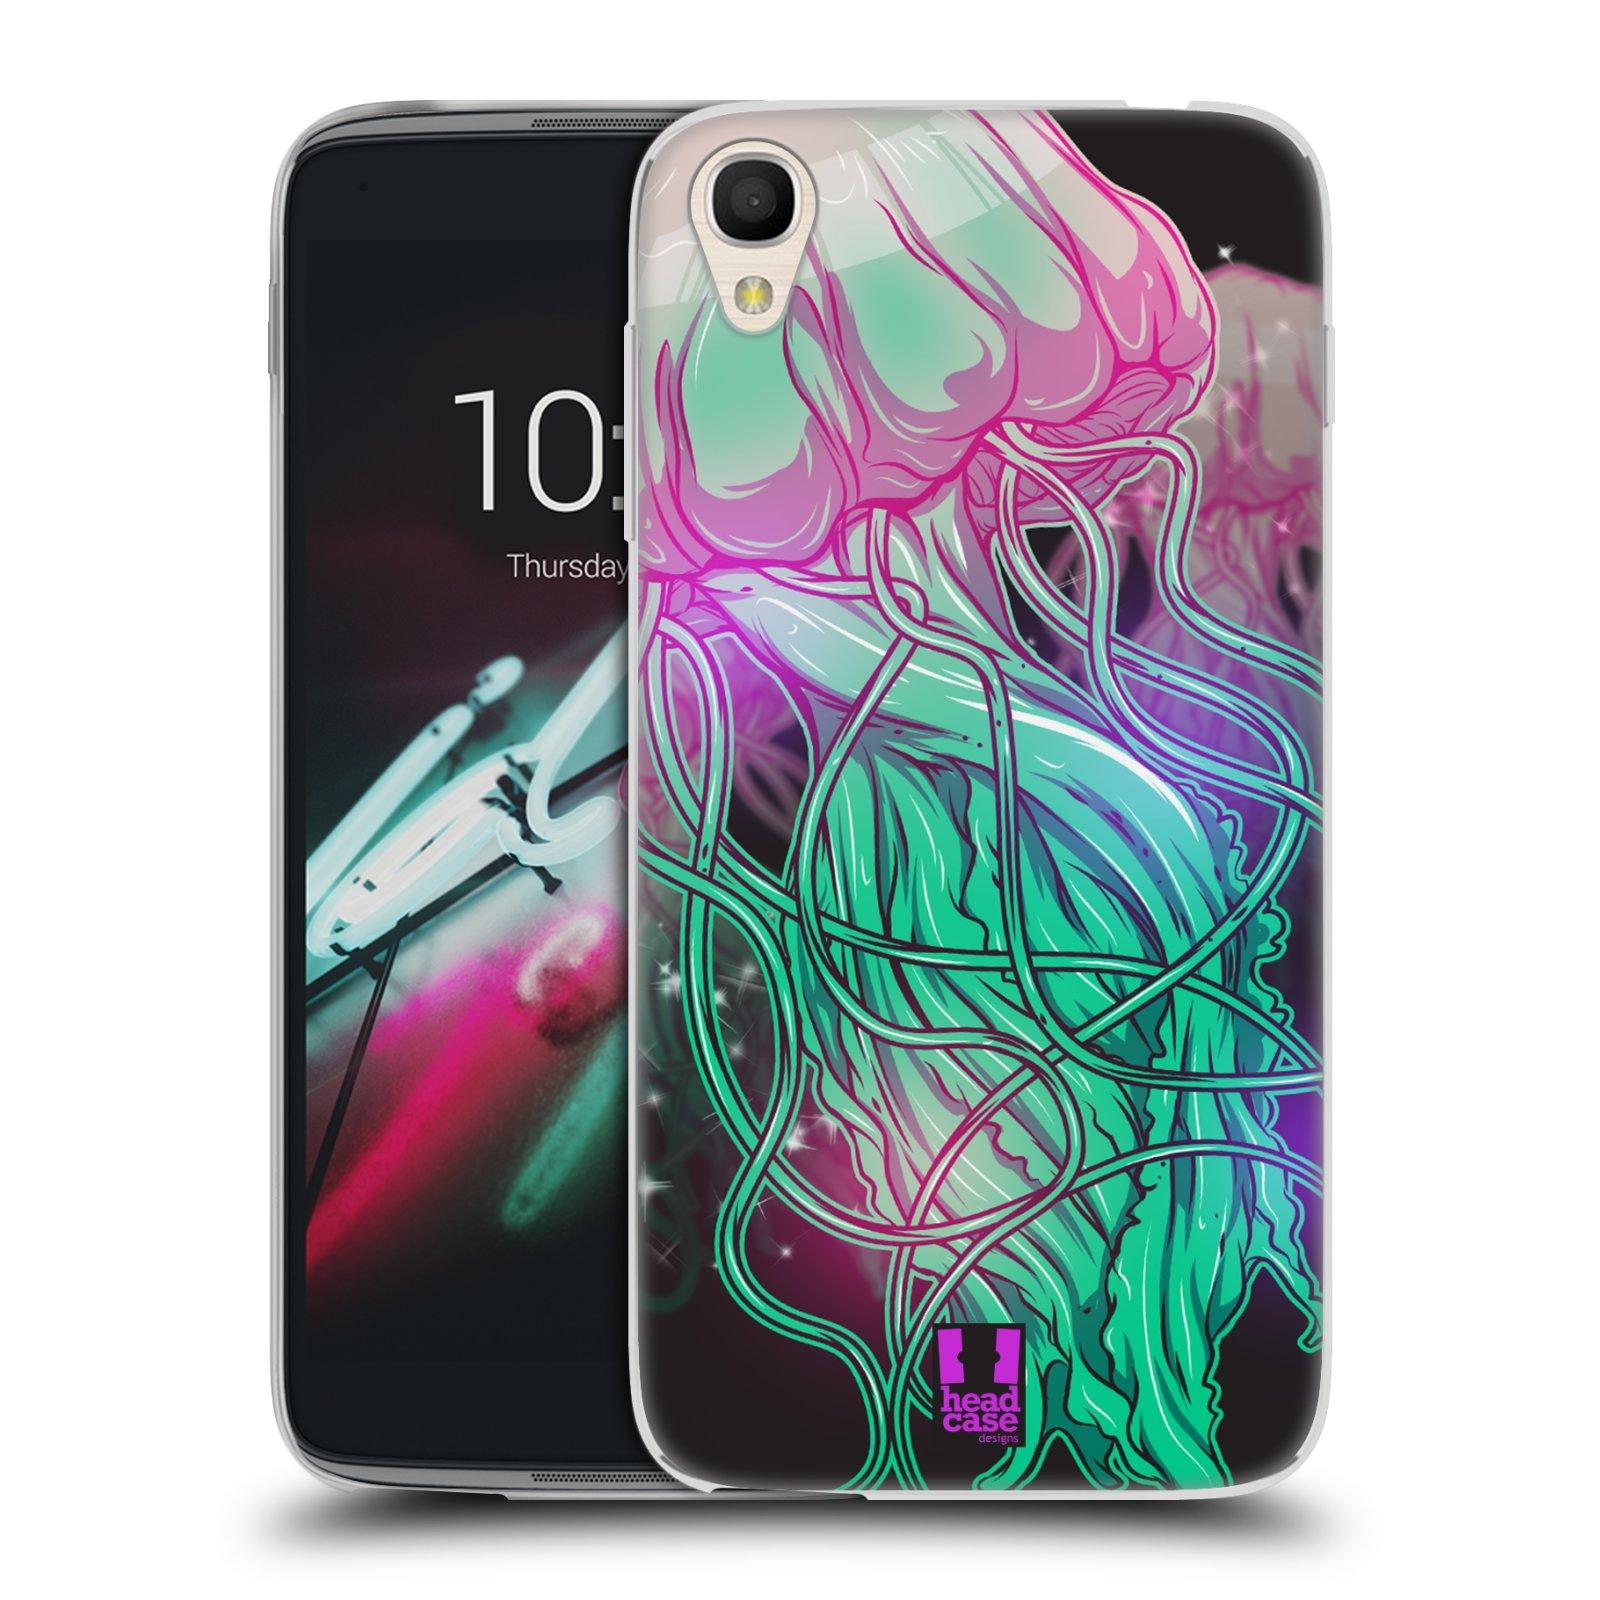 HEAD CASE silikonový obal na mobil Alcatel Idol 3 OT-6039Y (4.7) vzor mořská monstra medůza